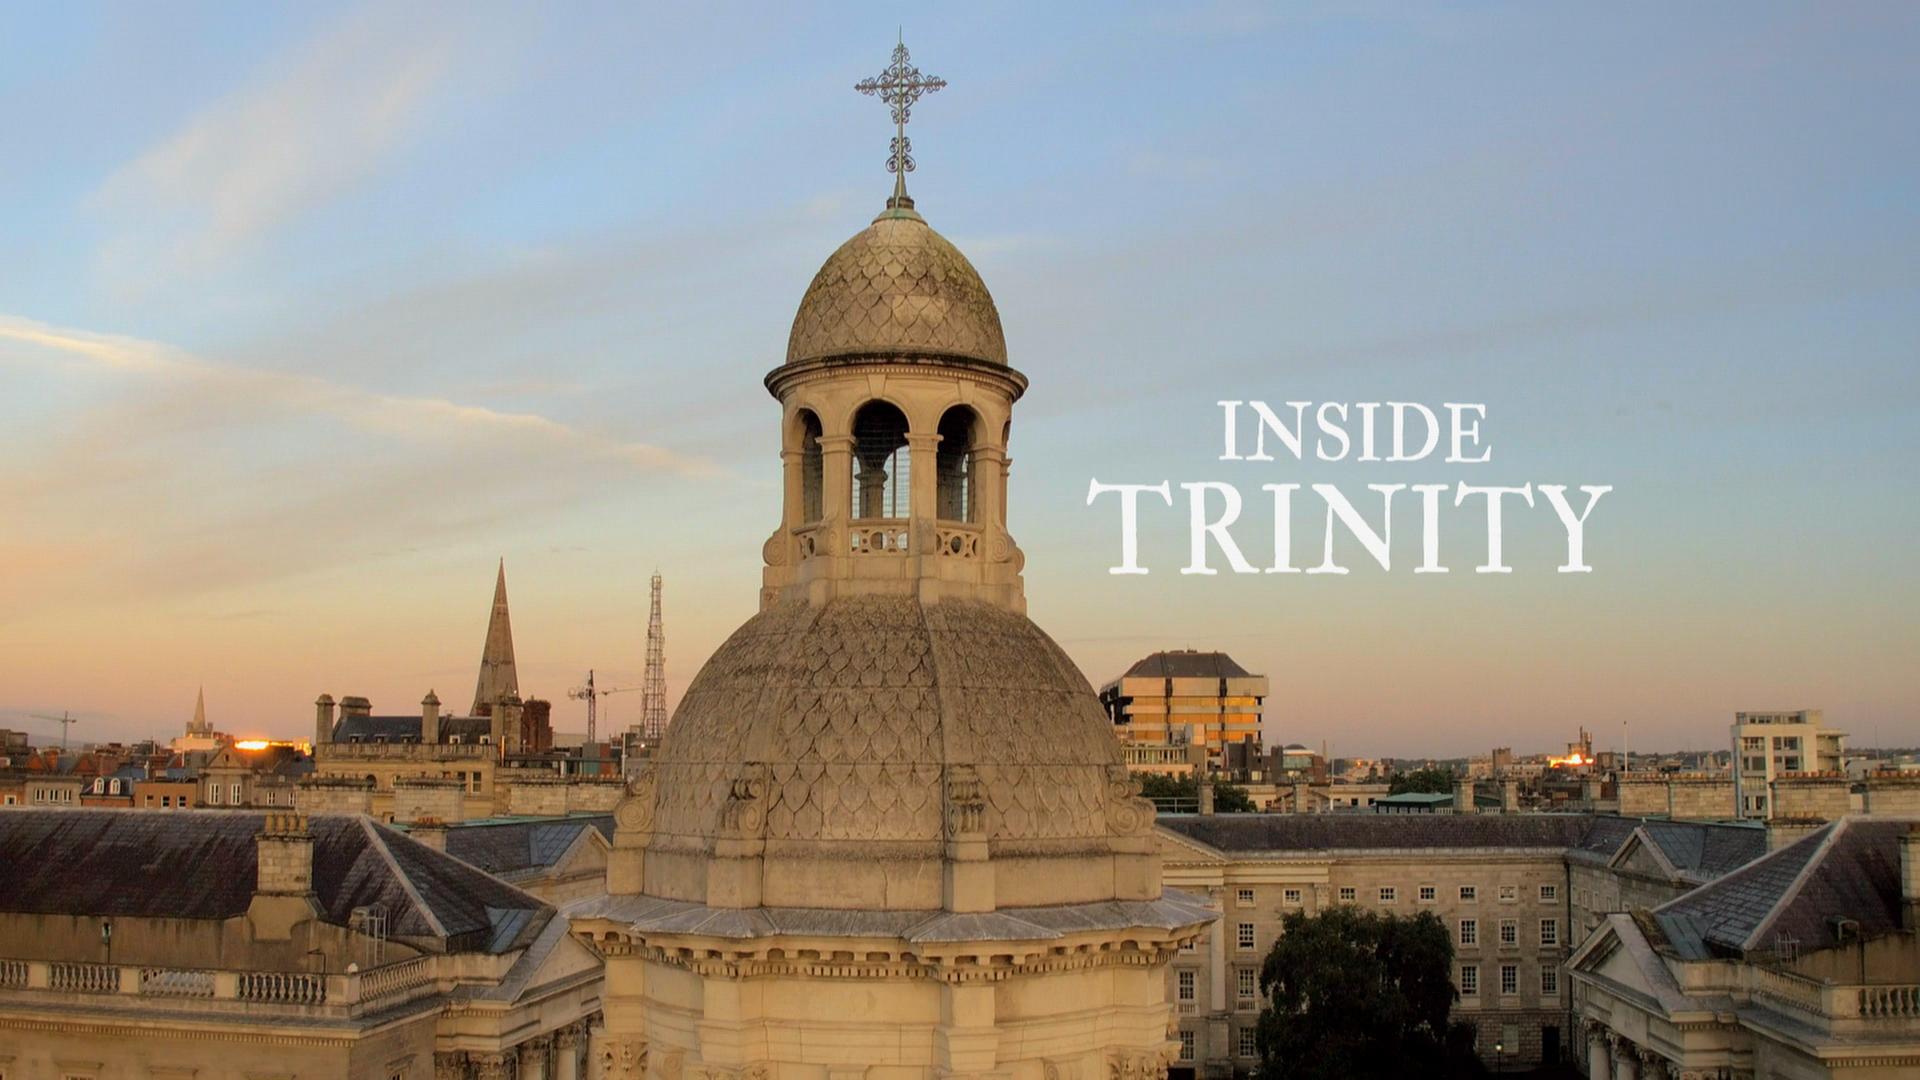 Trinity front